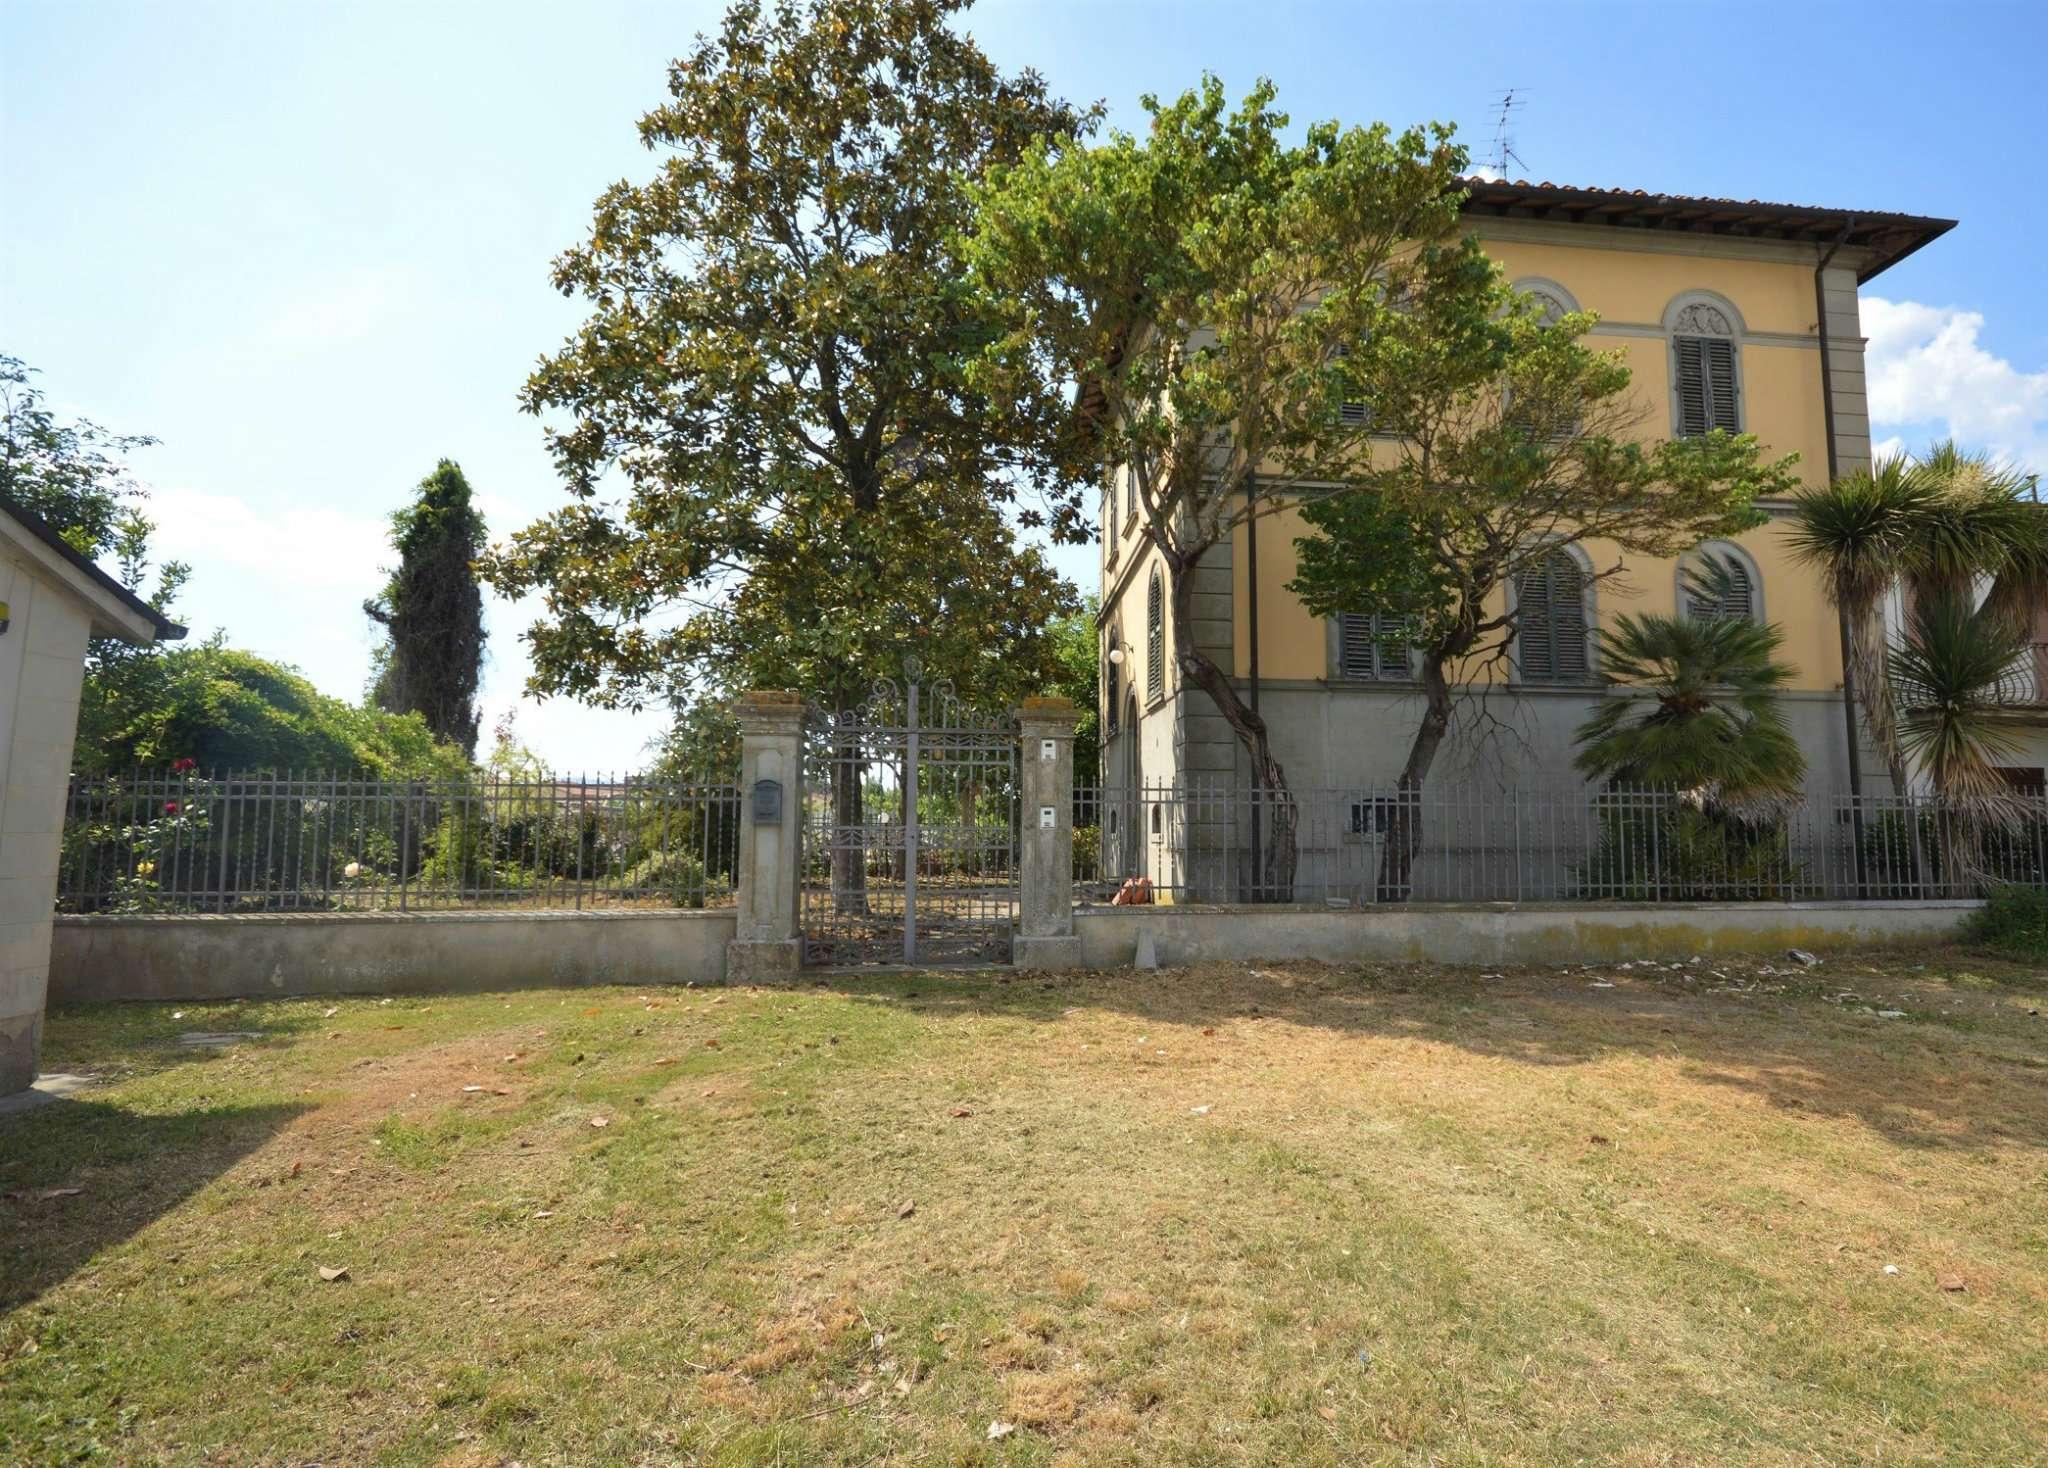 Soluzione Indipendente in vendita a Montevarchi, 12 locali, Trattative riservate | Cambio Casa.it